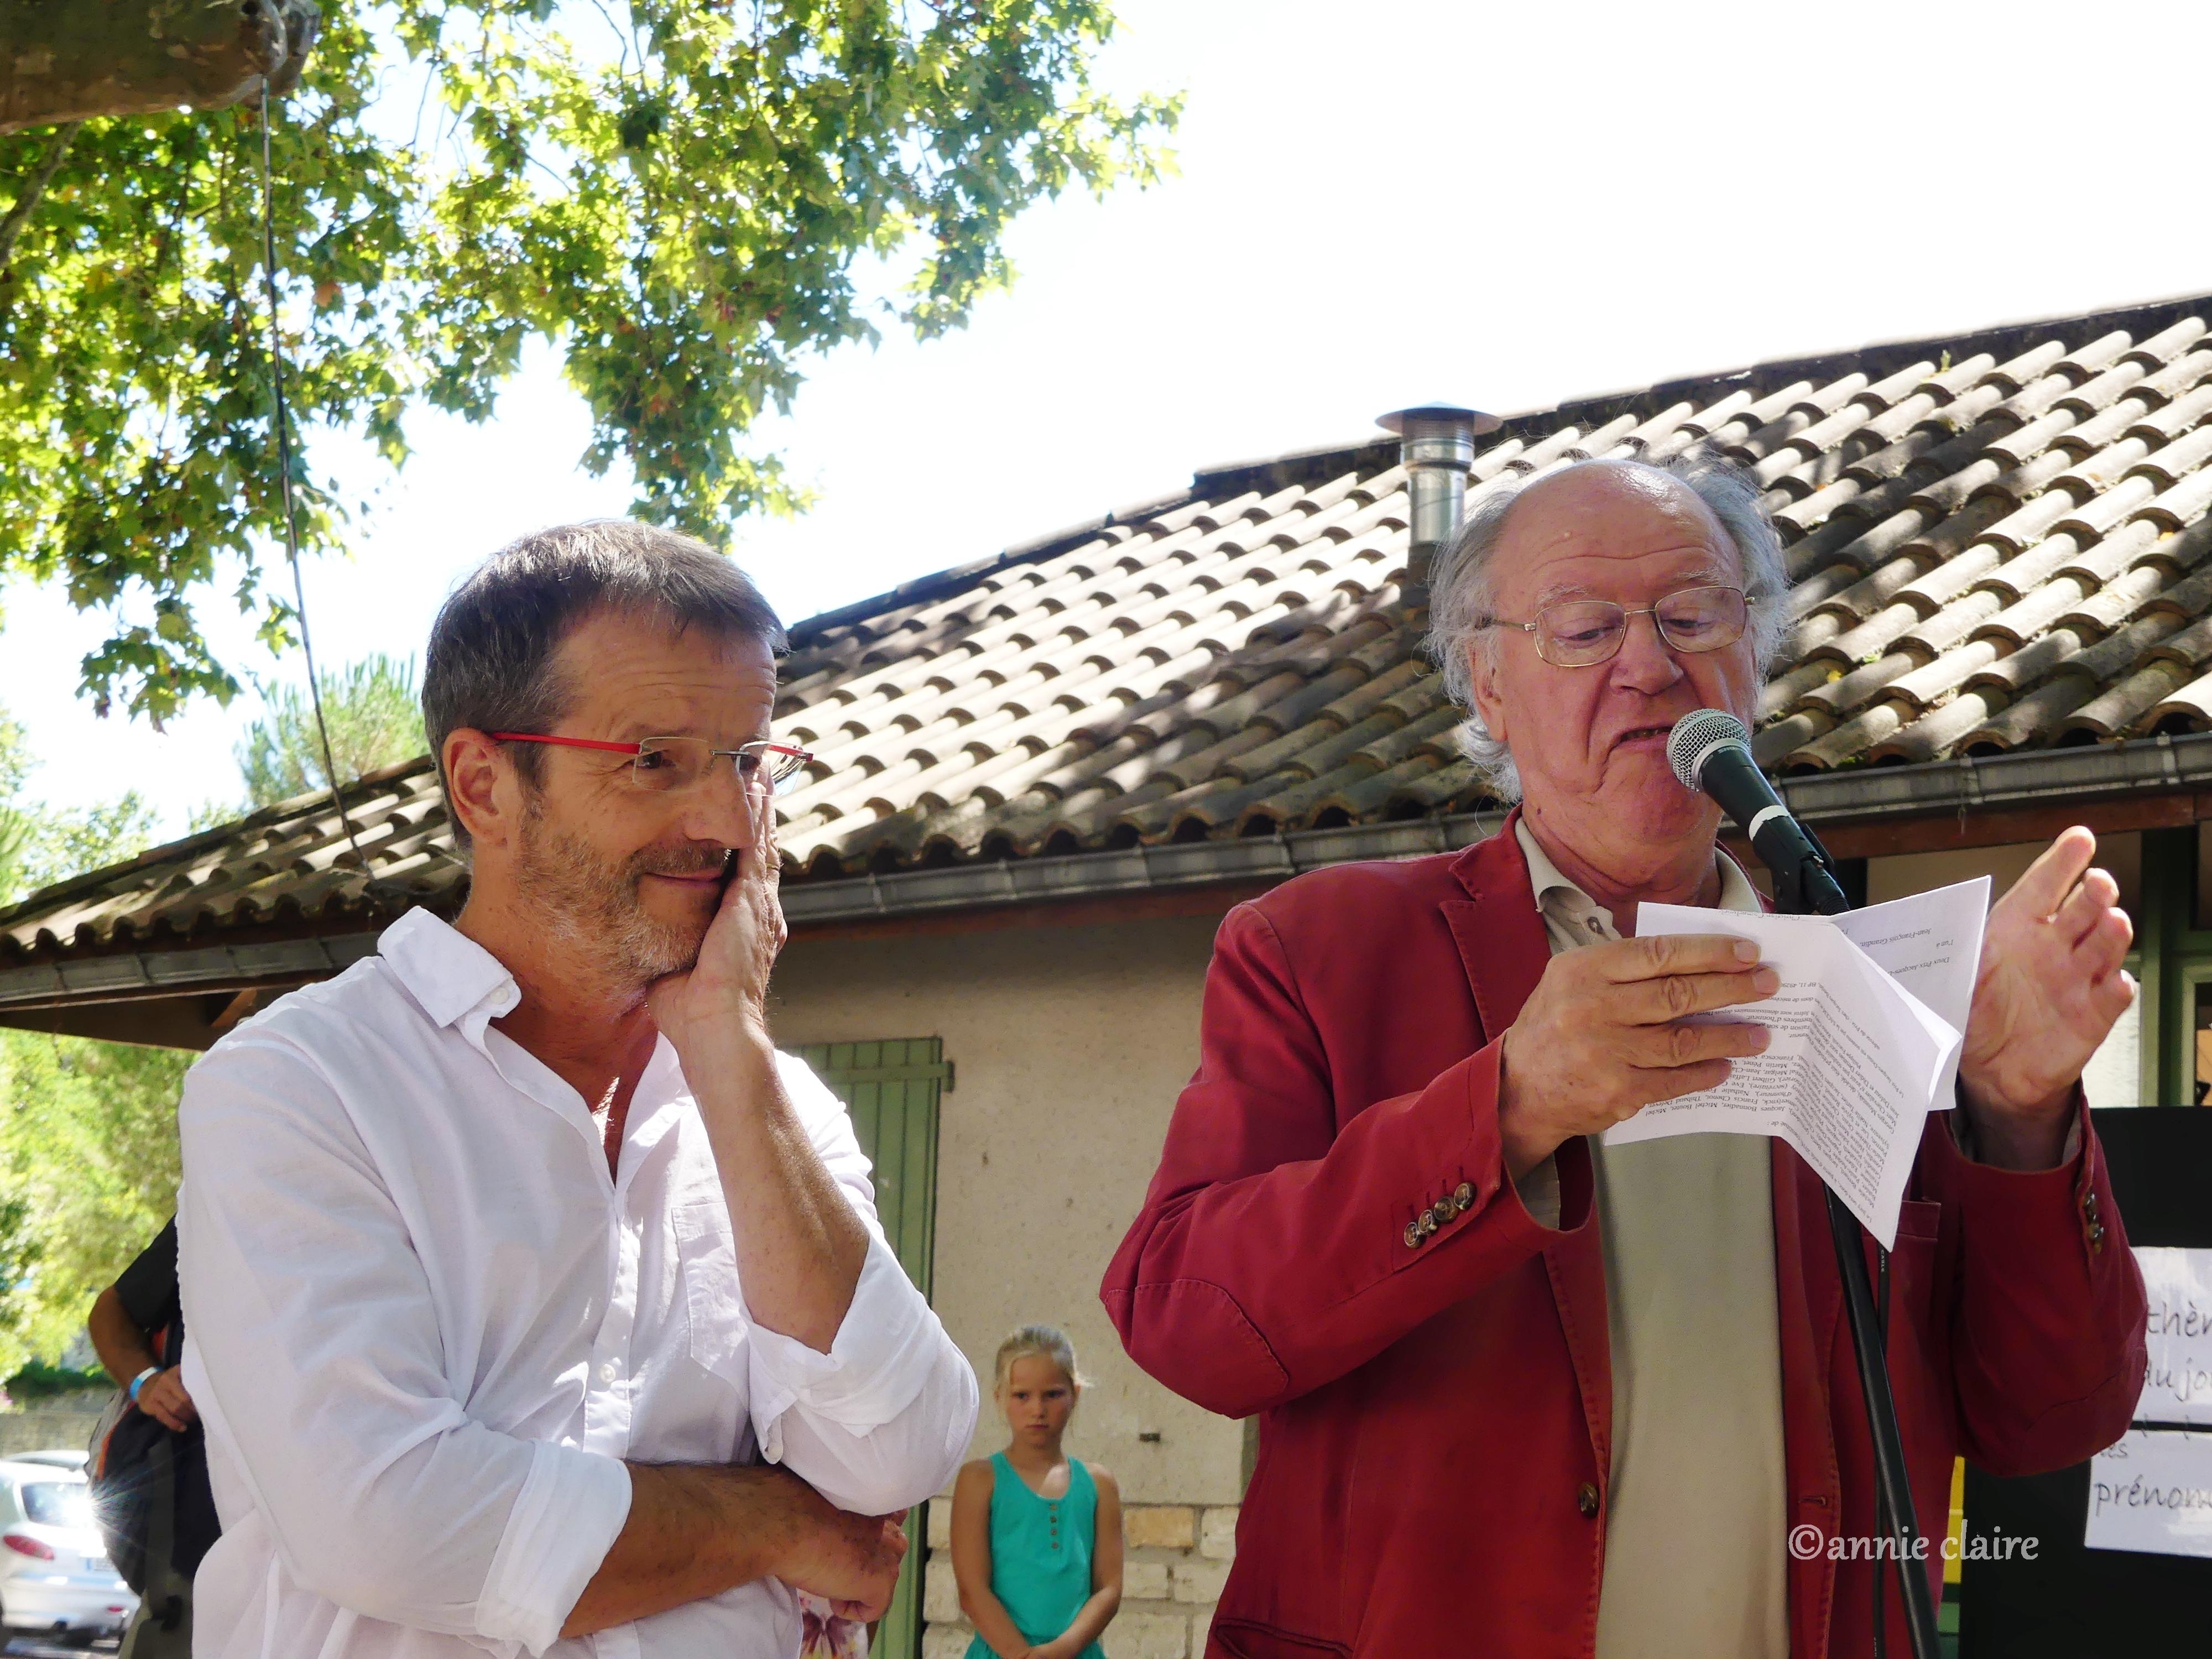 Jean-François Grandin reçoit le Prix Jacques Douai des mains de Jacques Bertin ©annie claire 01.08.2016